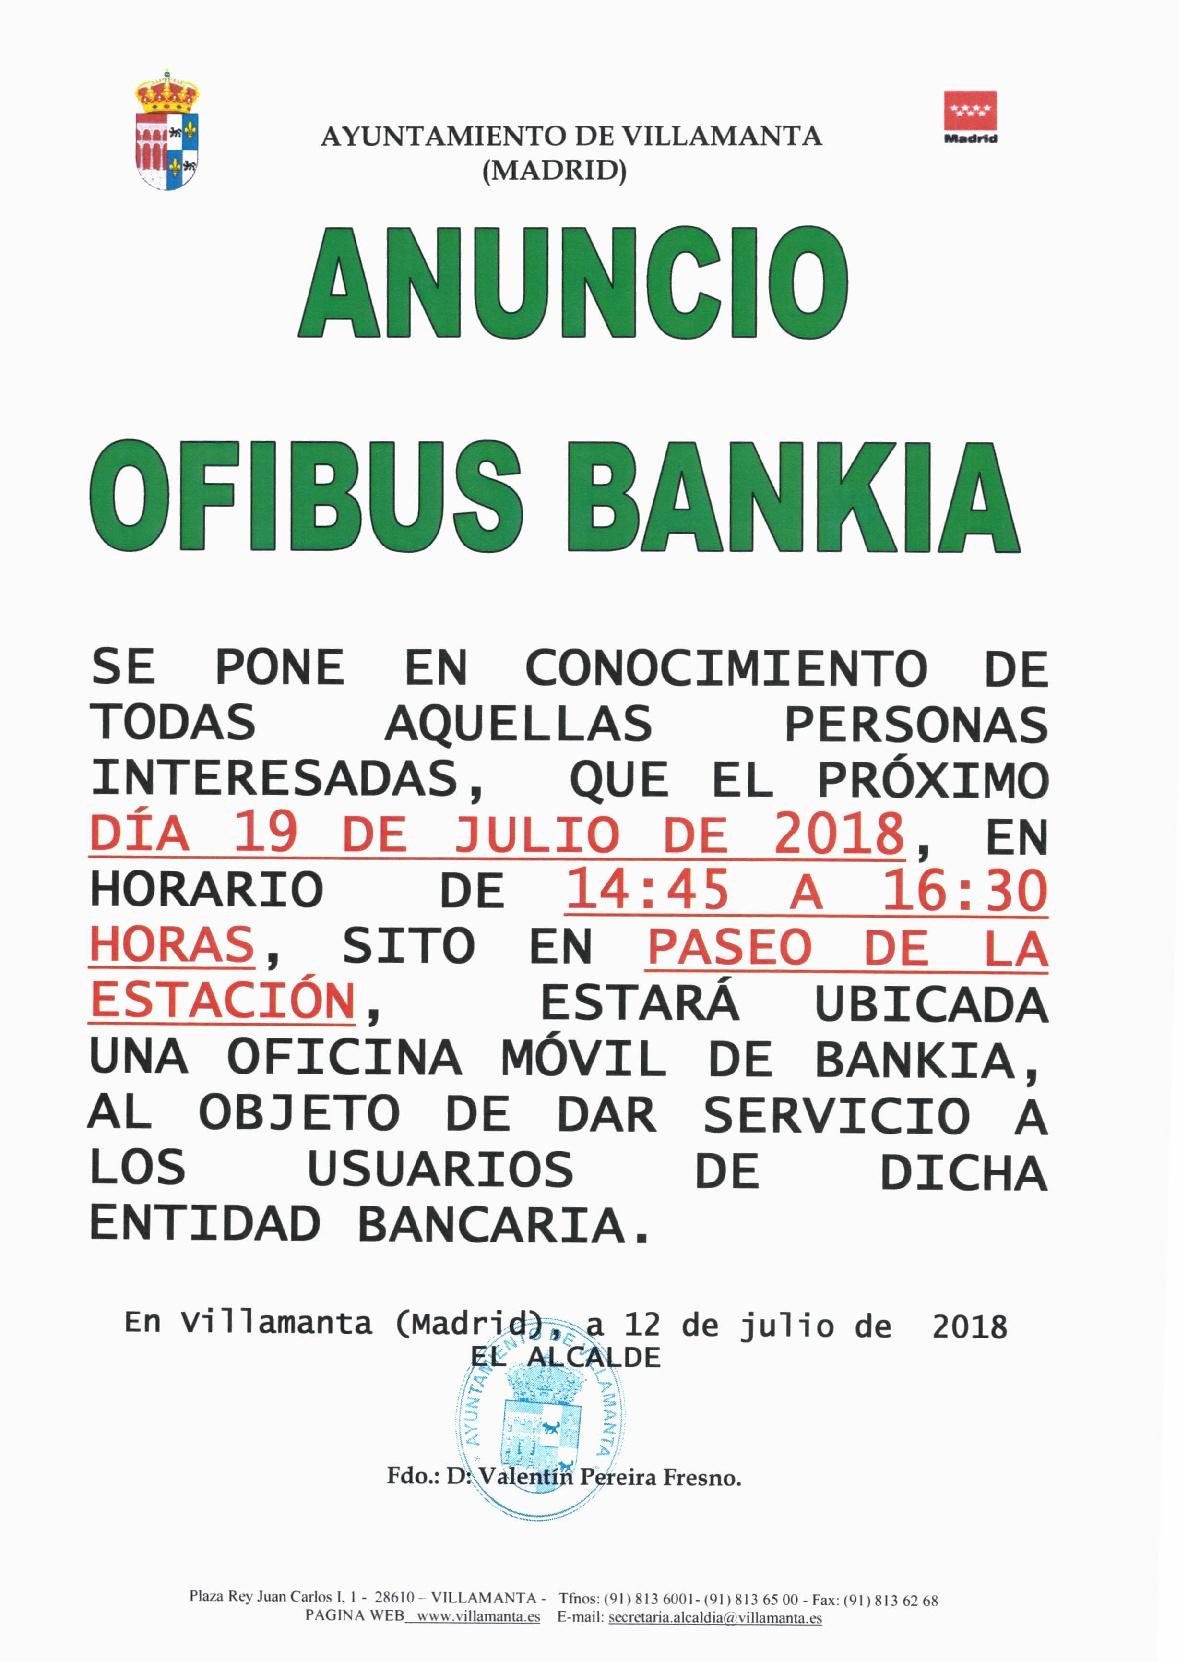 Ofibus Bankia 19 de Julio de 2018